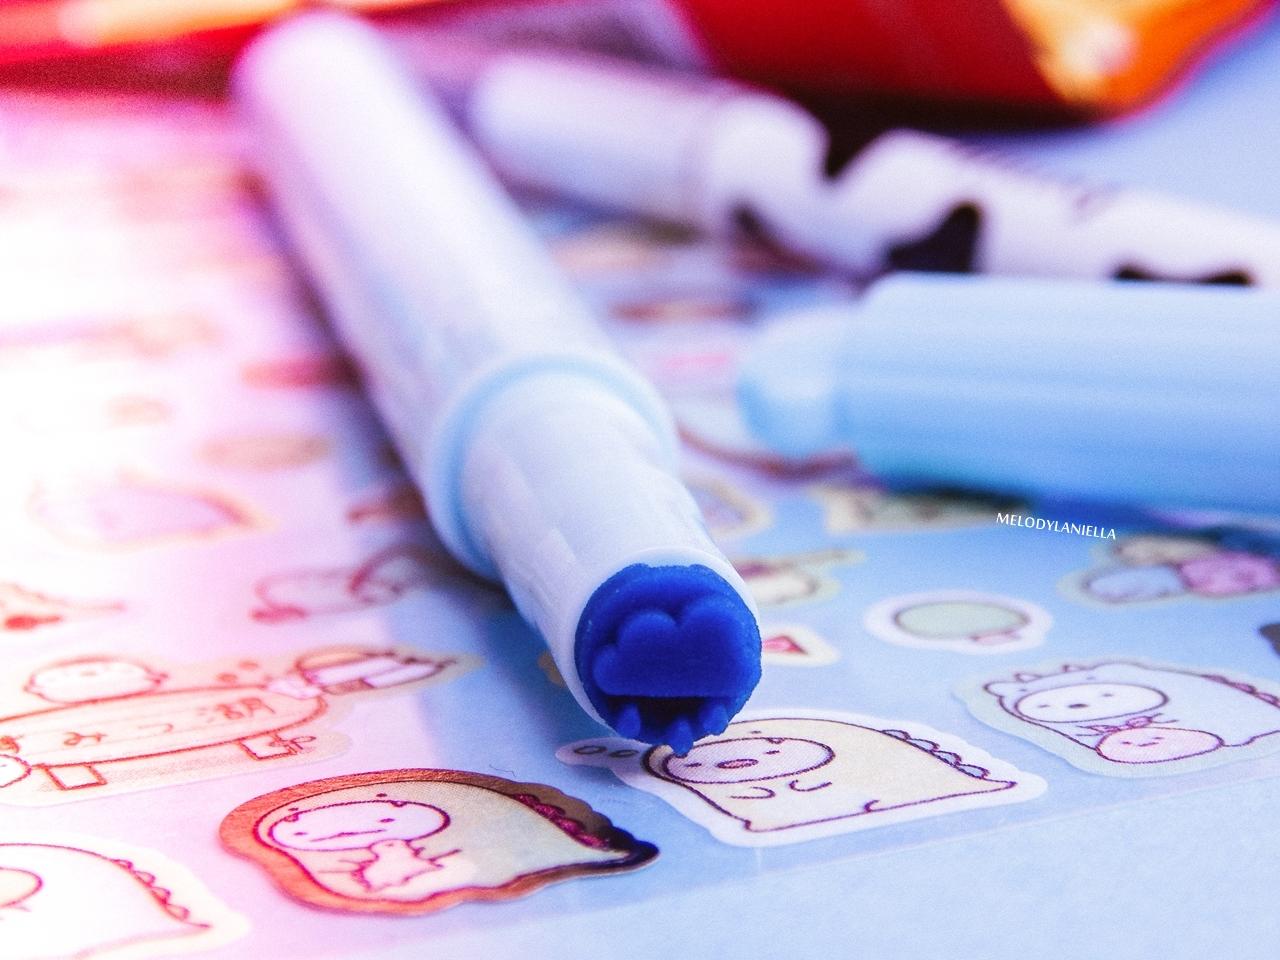 3 kawaii box august sierpień rewiev recenzja giveaway konkurs rozdanie gadżety z japonii kolorowe dodatki słodycze z japonii fajne długopisy, butelka na wodę my melody melodylaniella pudding tofu brelok